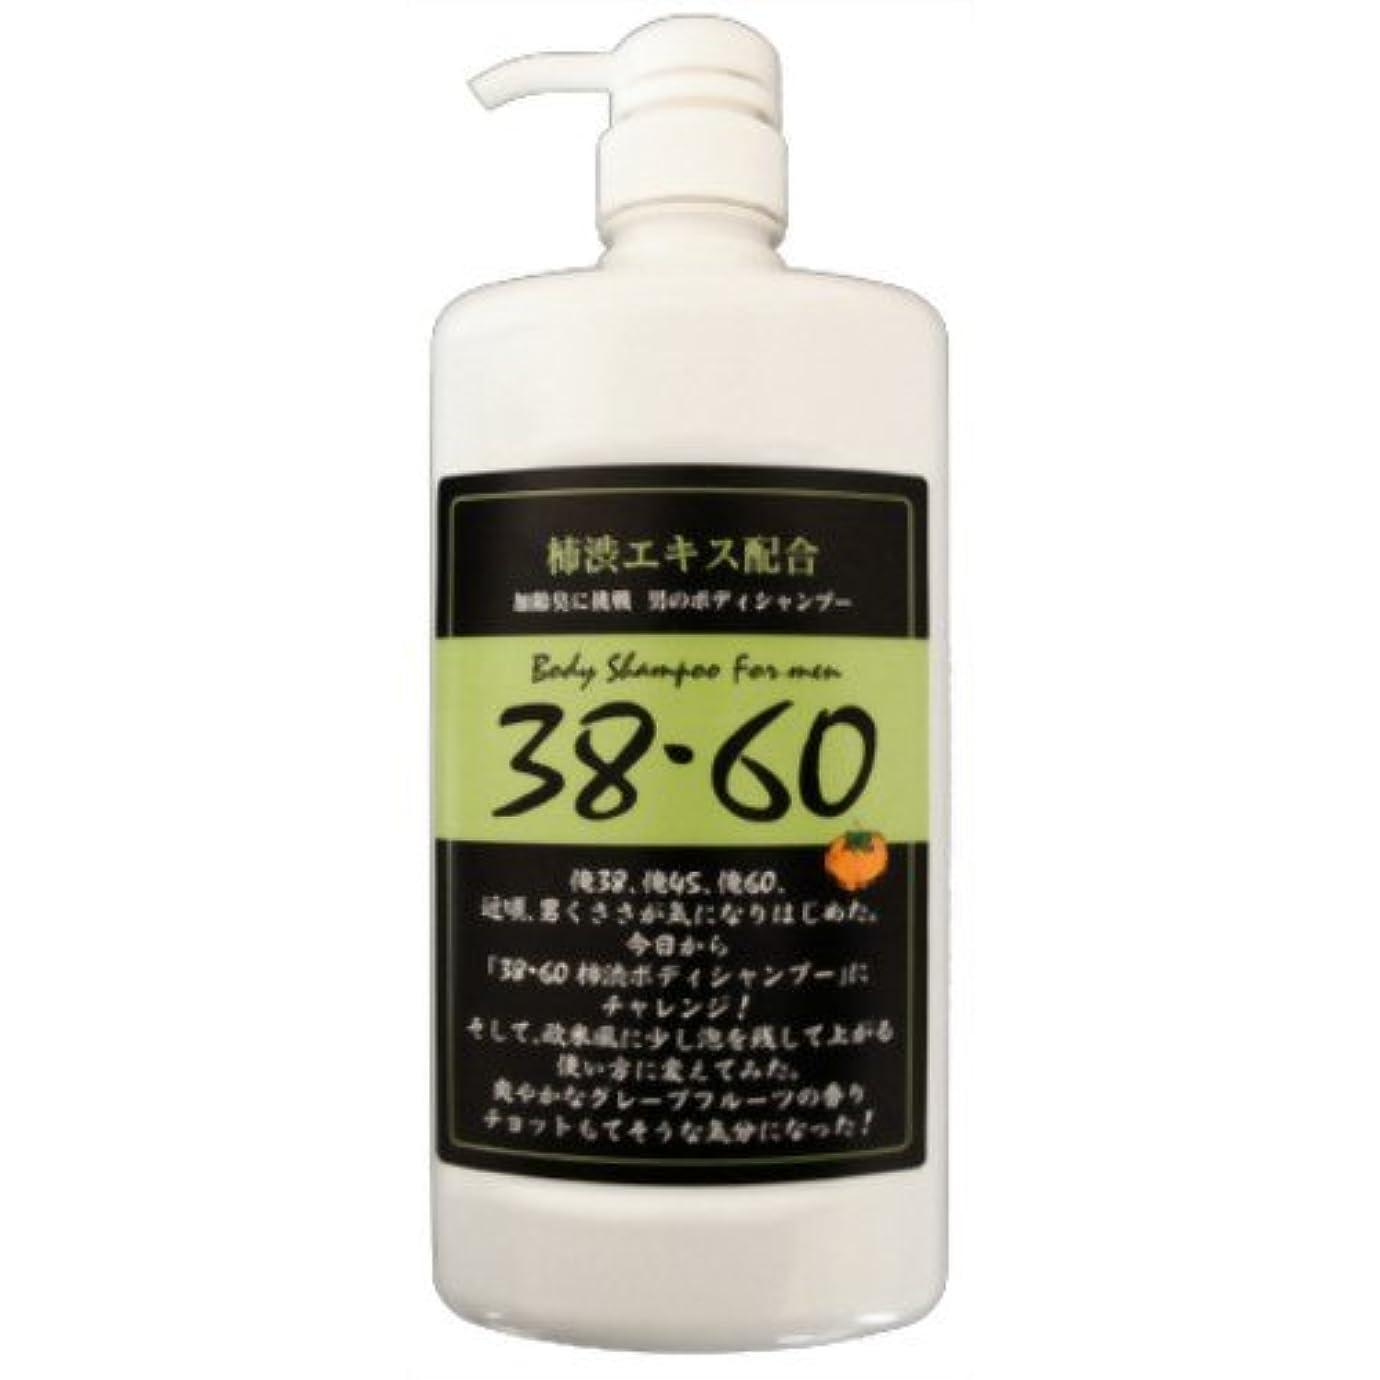 利益リーズ違反する38?60柿渋ボディシャンプー詰替1500ml